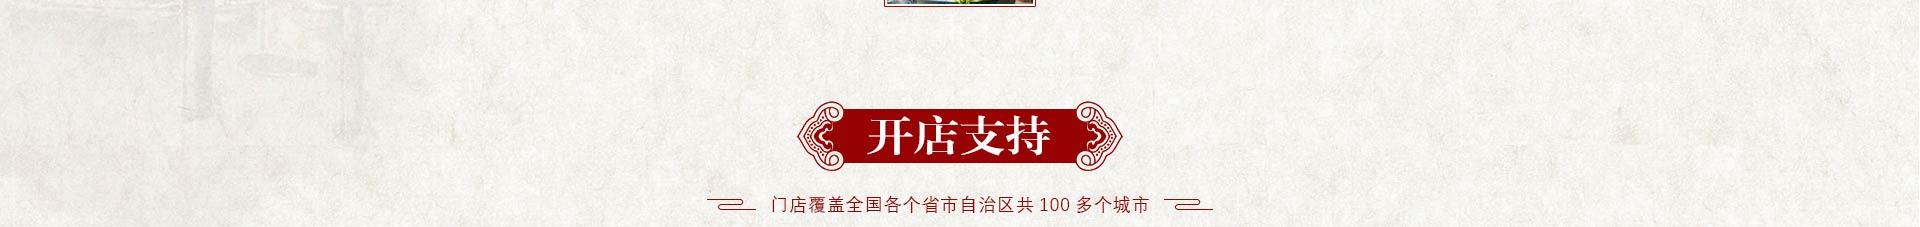 蜀大侠火锅招商海报